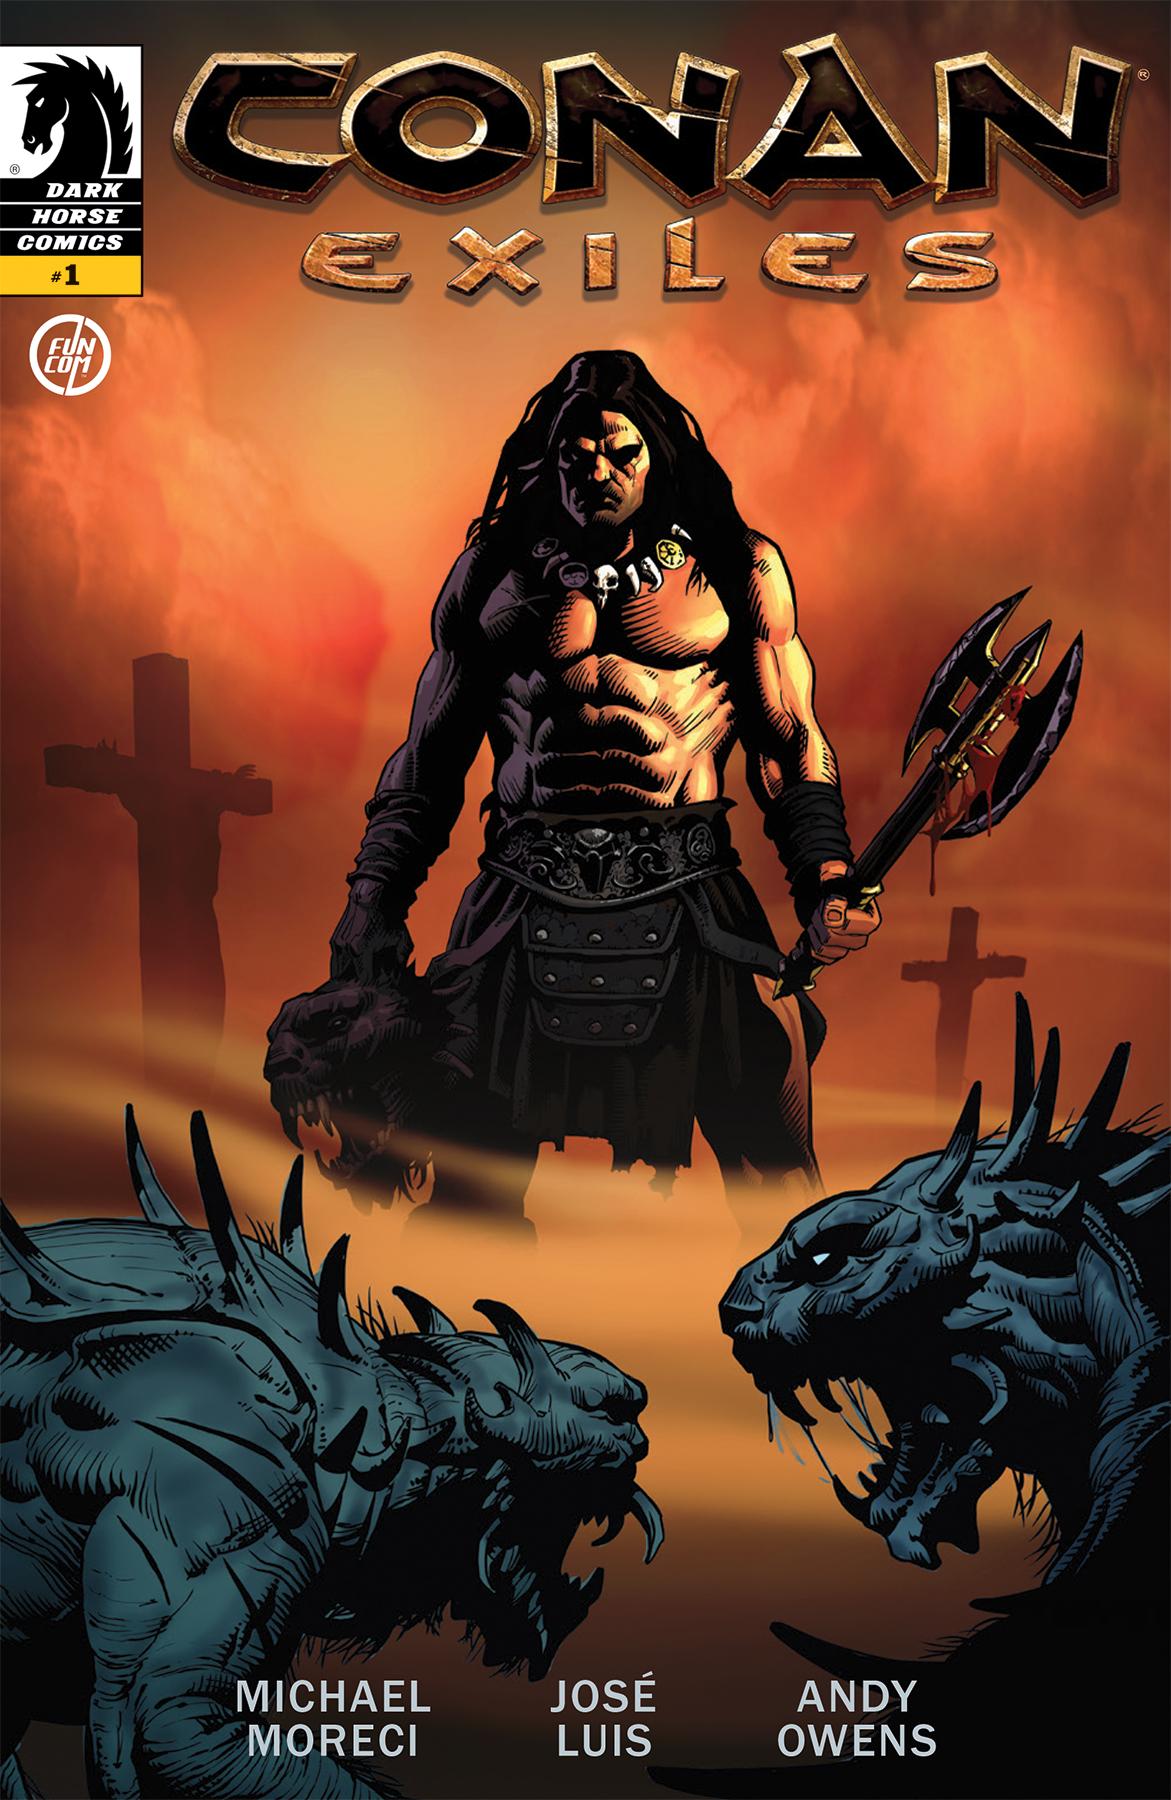 conanexiles_comic_cover